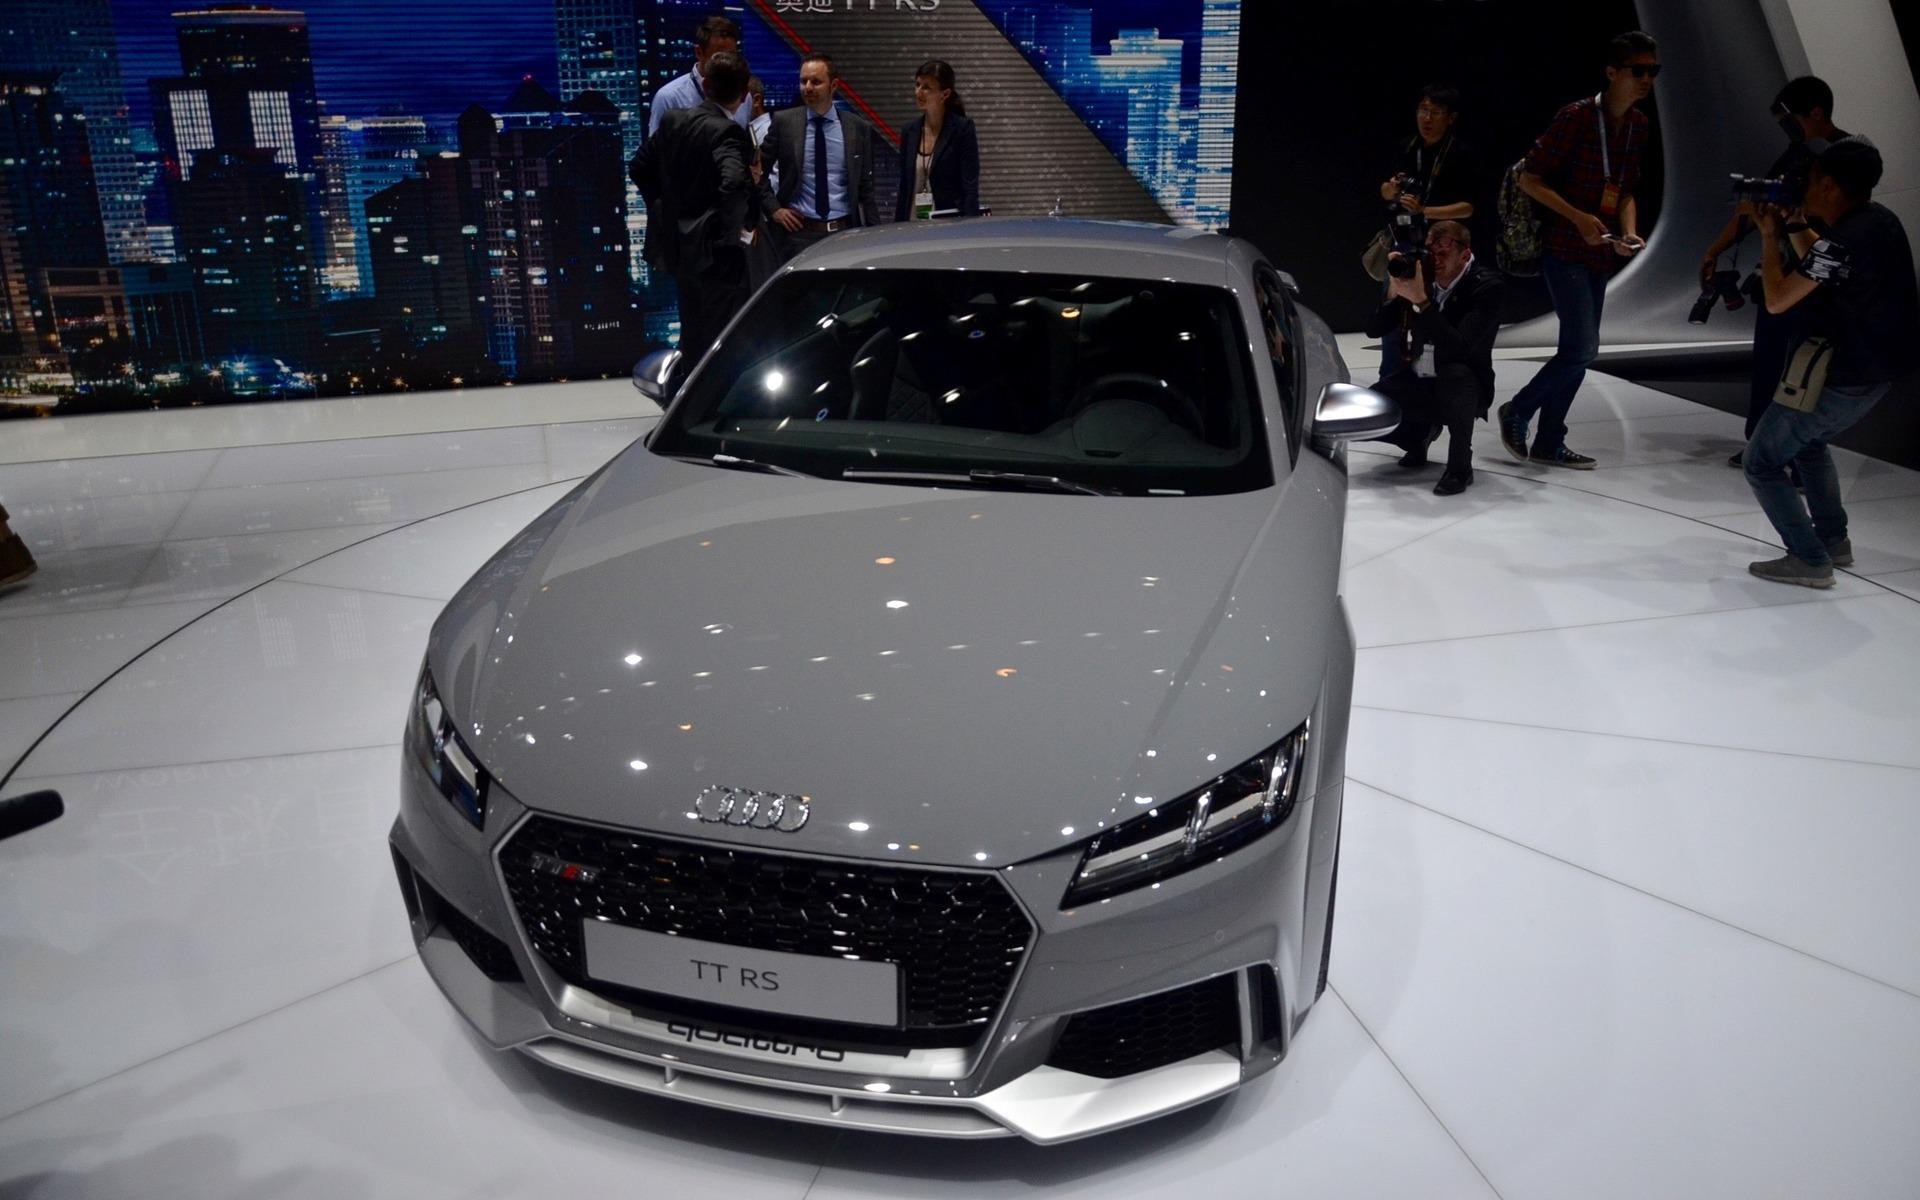 Audi TT RS - Dévoilement au Salon de l'auto de Beijing 2016.